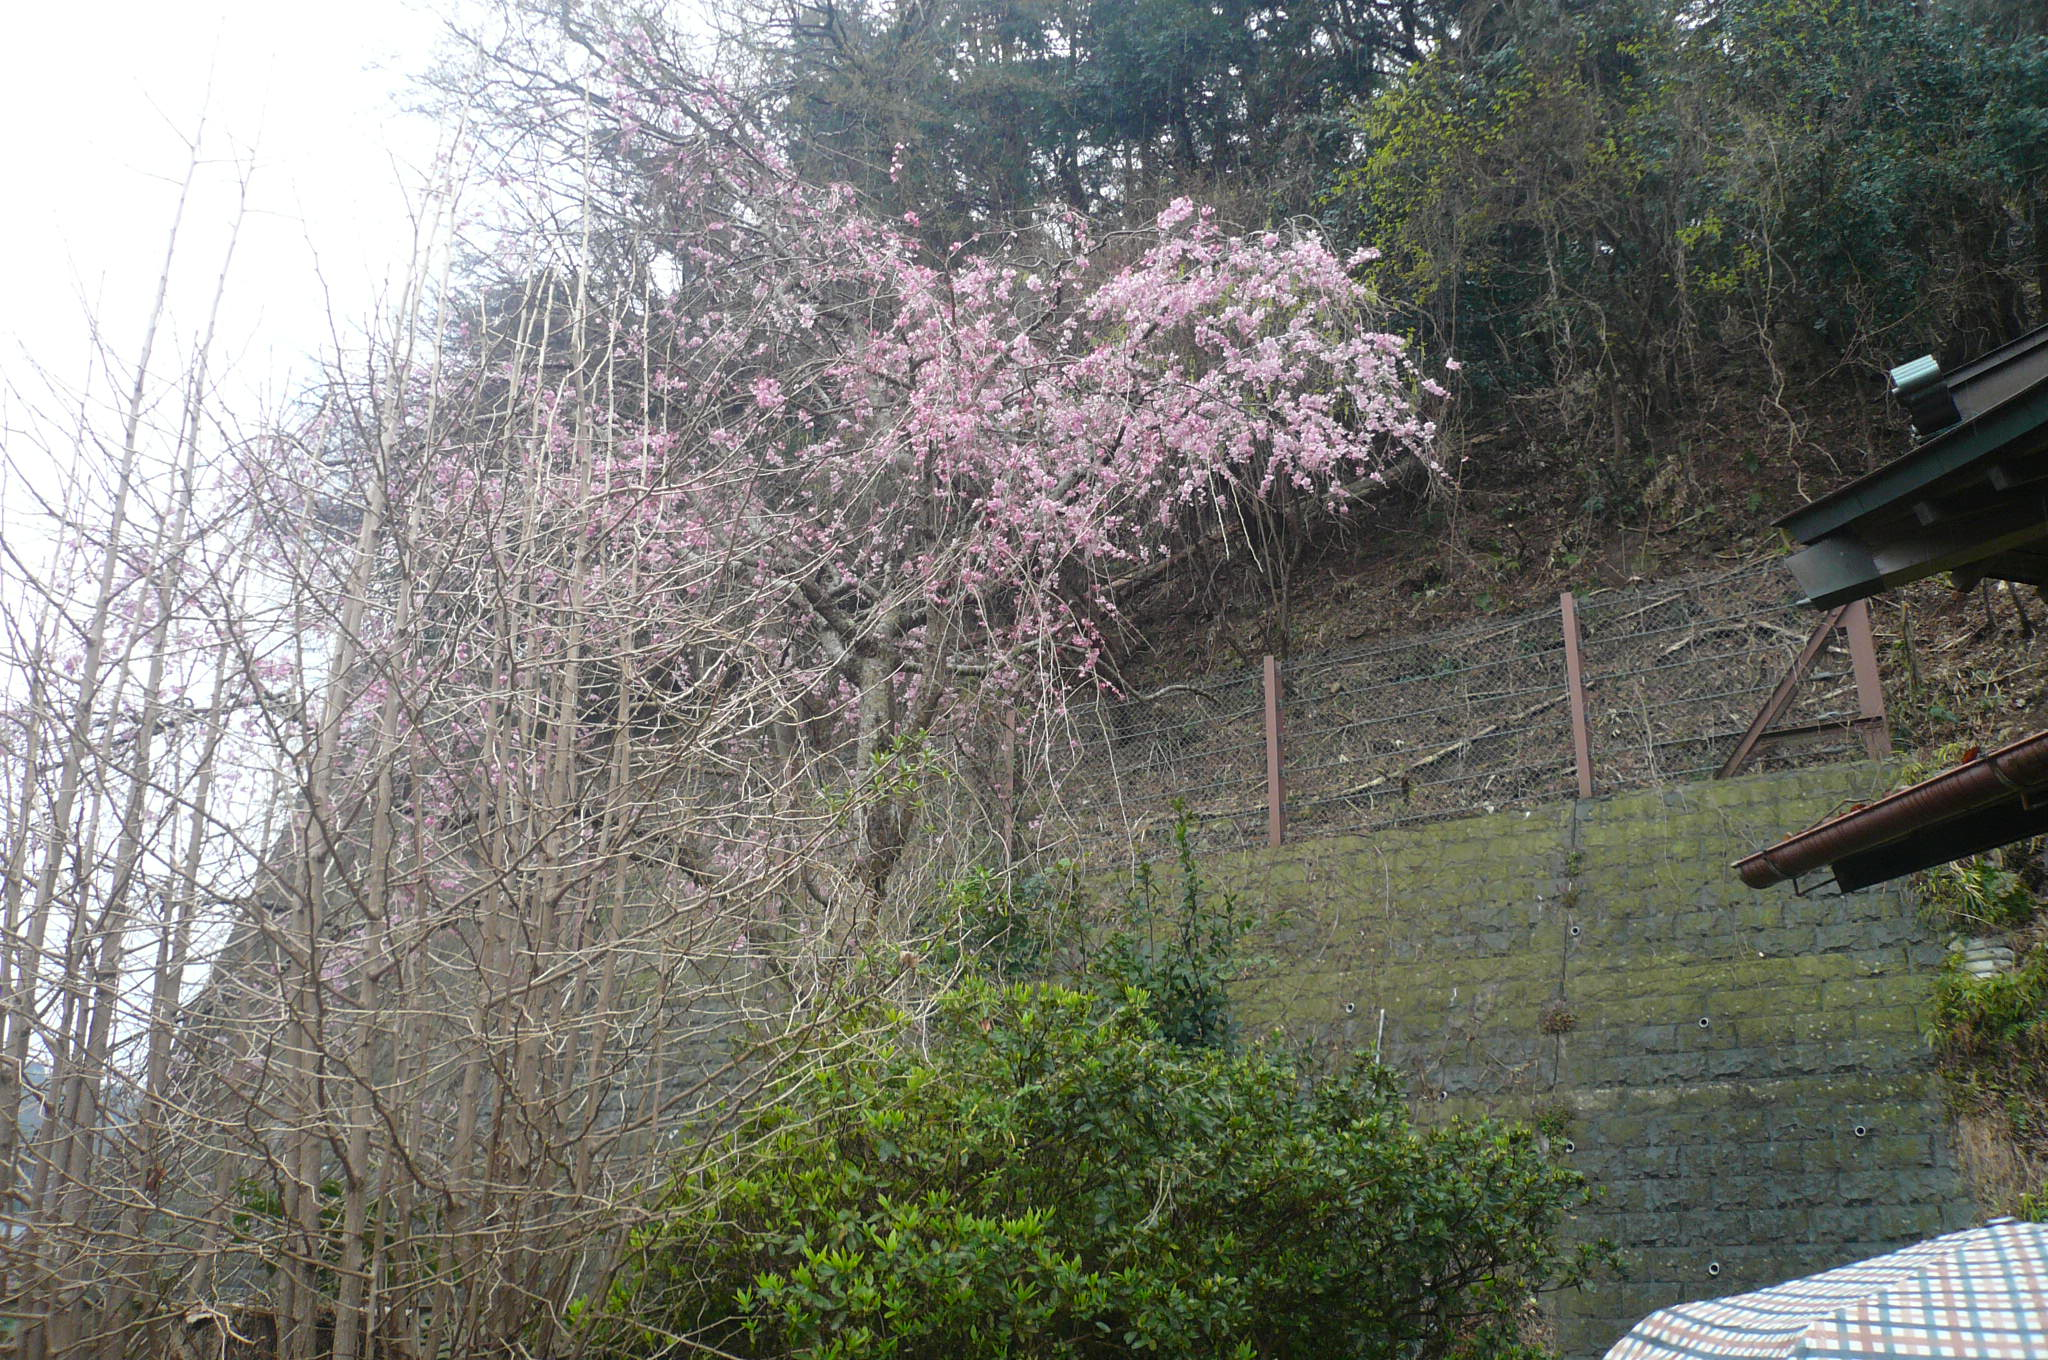 月影地蔵下より8分咲きの山桜を眺める